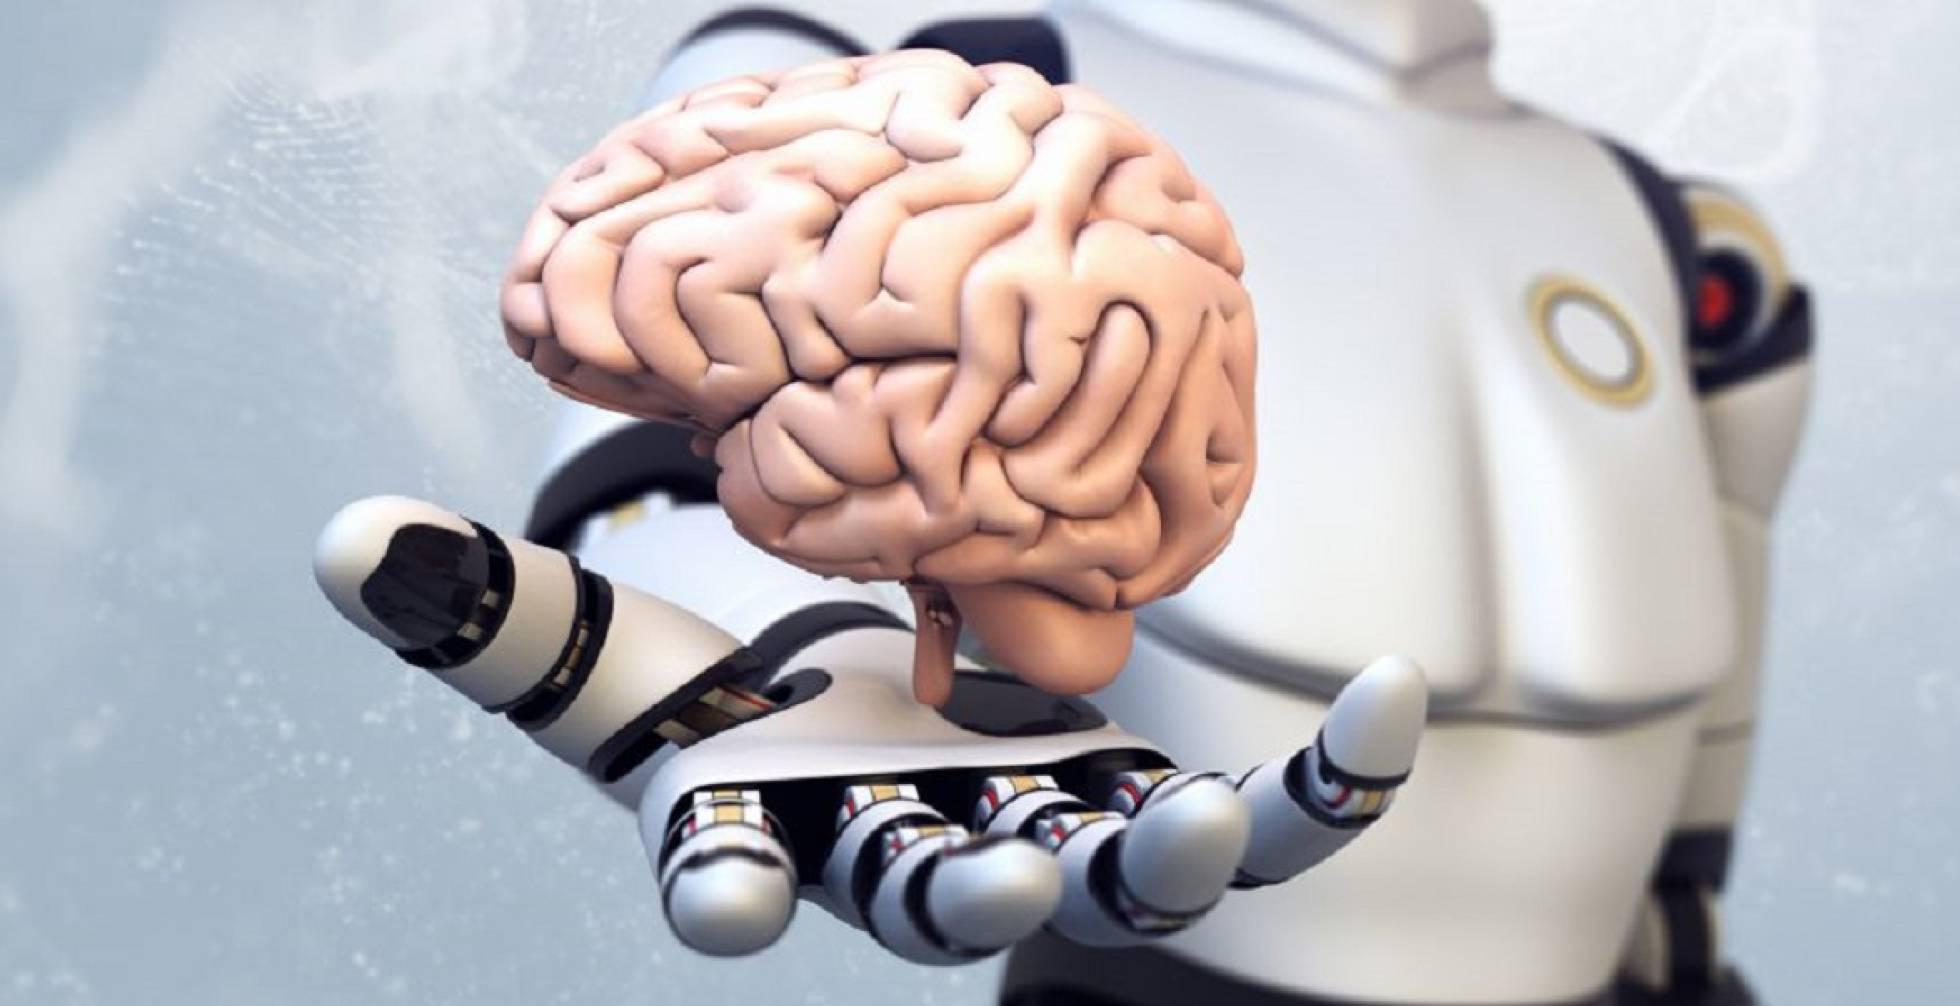 Inteligencia Artificial / Robótica - Página 5 1482236622_315819_1482239876_noticia_normal_recorte1